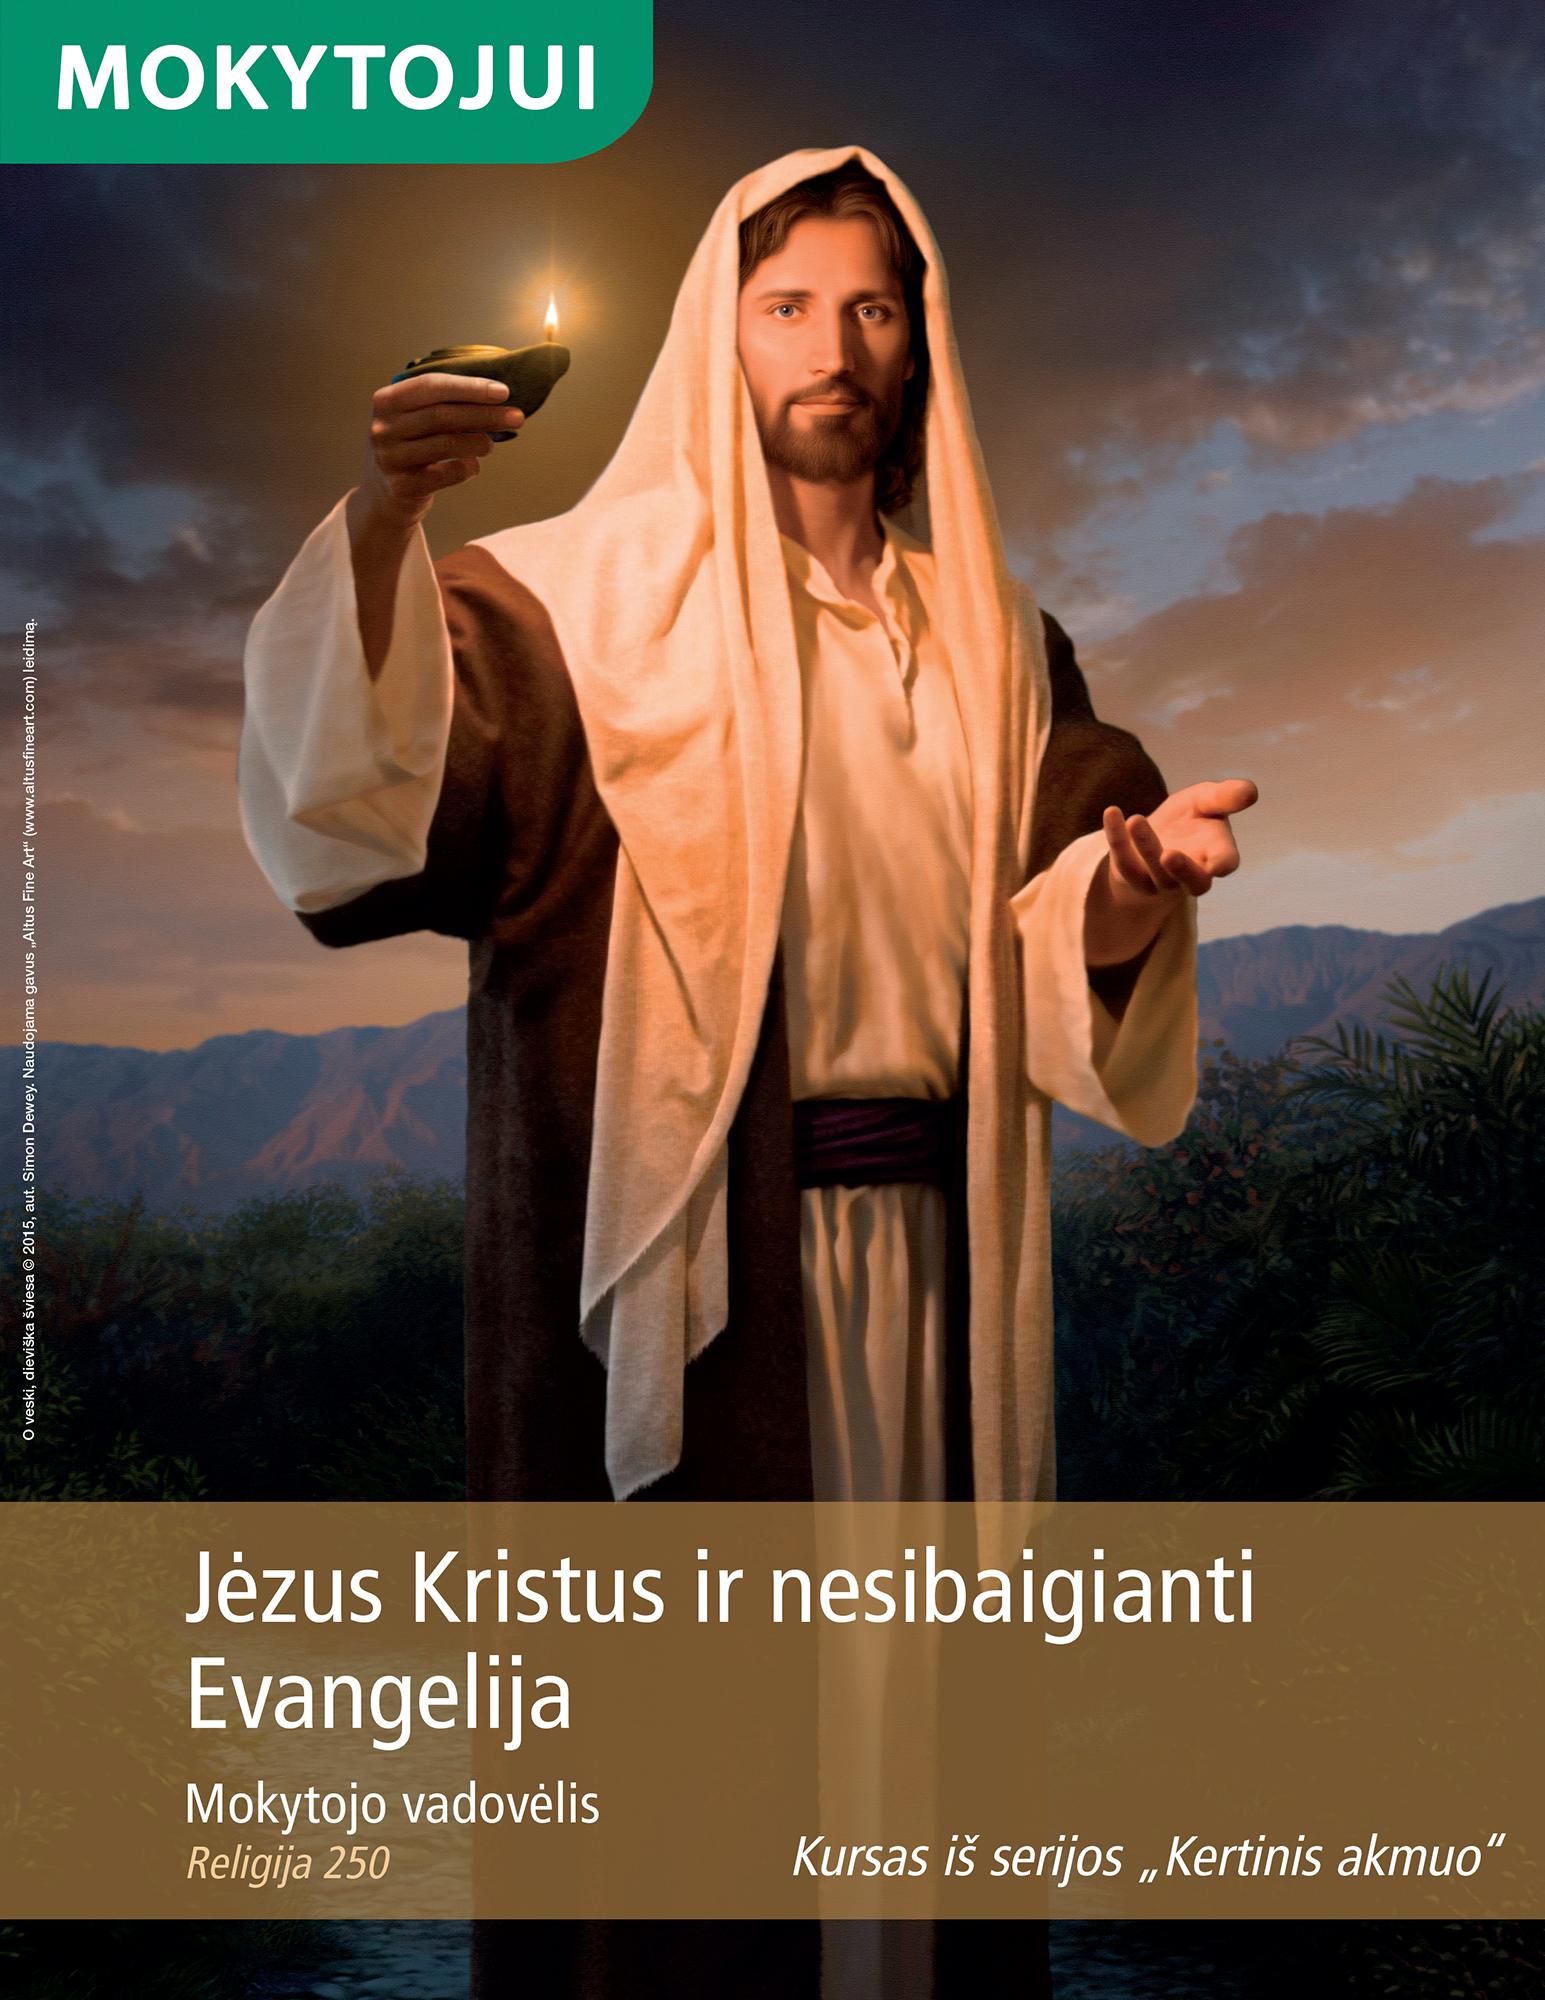 Jėzus Kristus ir nesibaigianti Evangelija. Mokytojo vadovėlis (Rel 250)